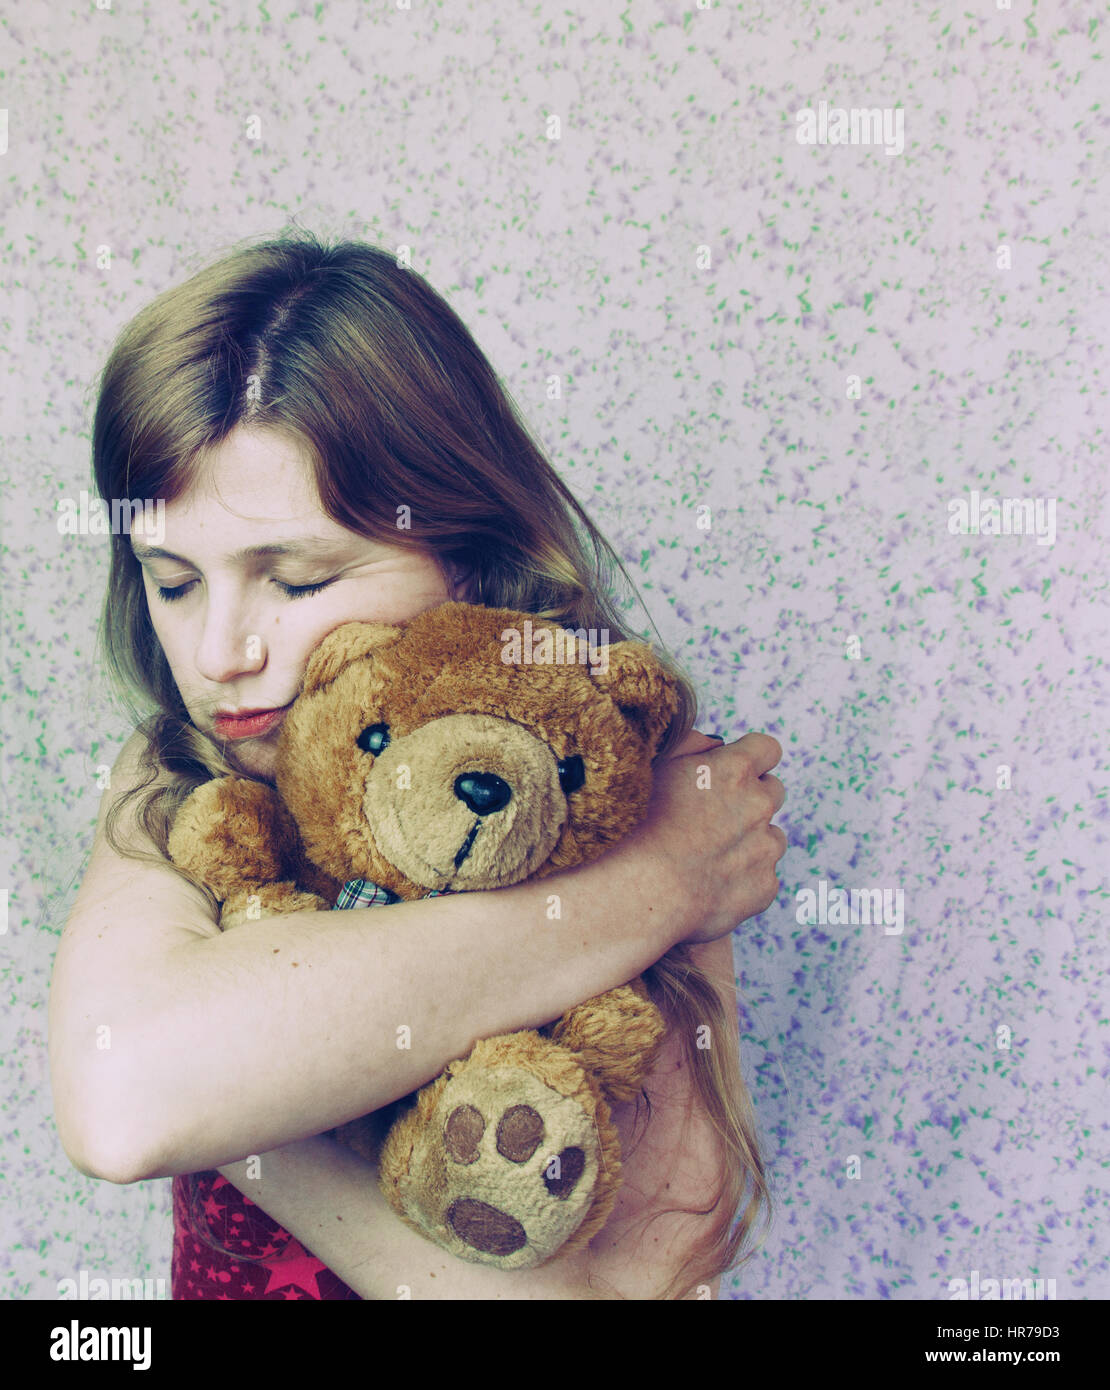 Jemand mit ihr Teddy Bär, wie ein Kind Stockbild